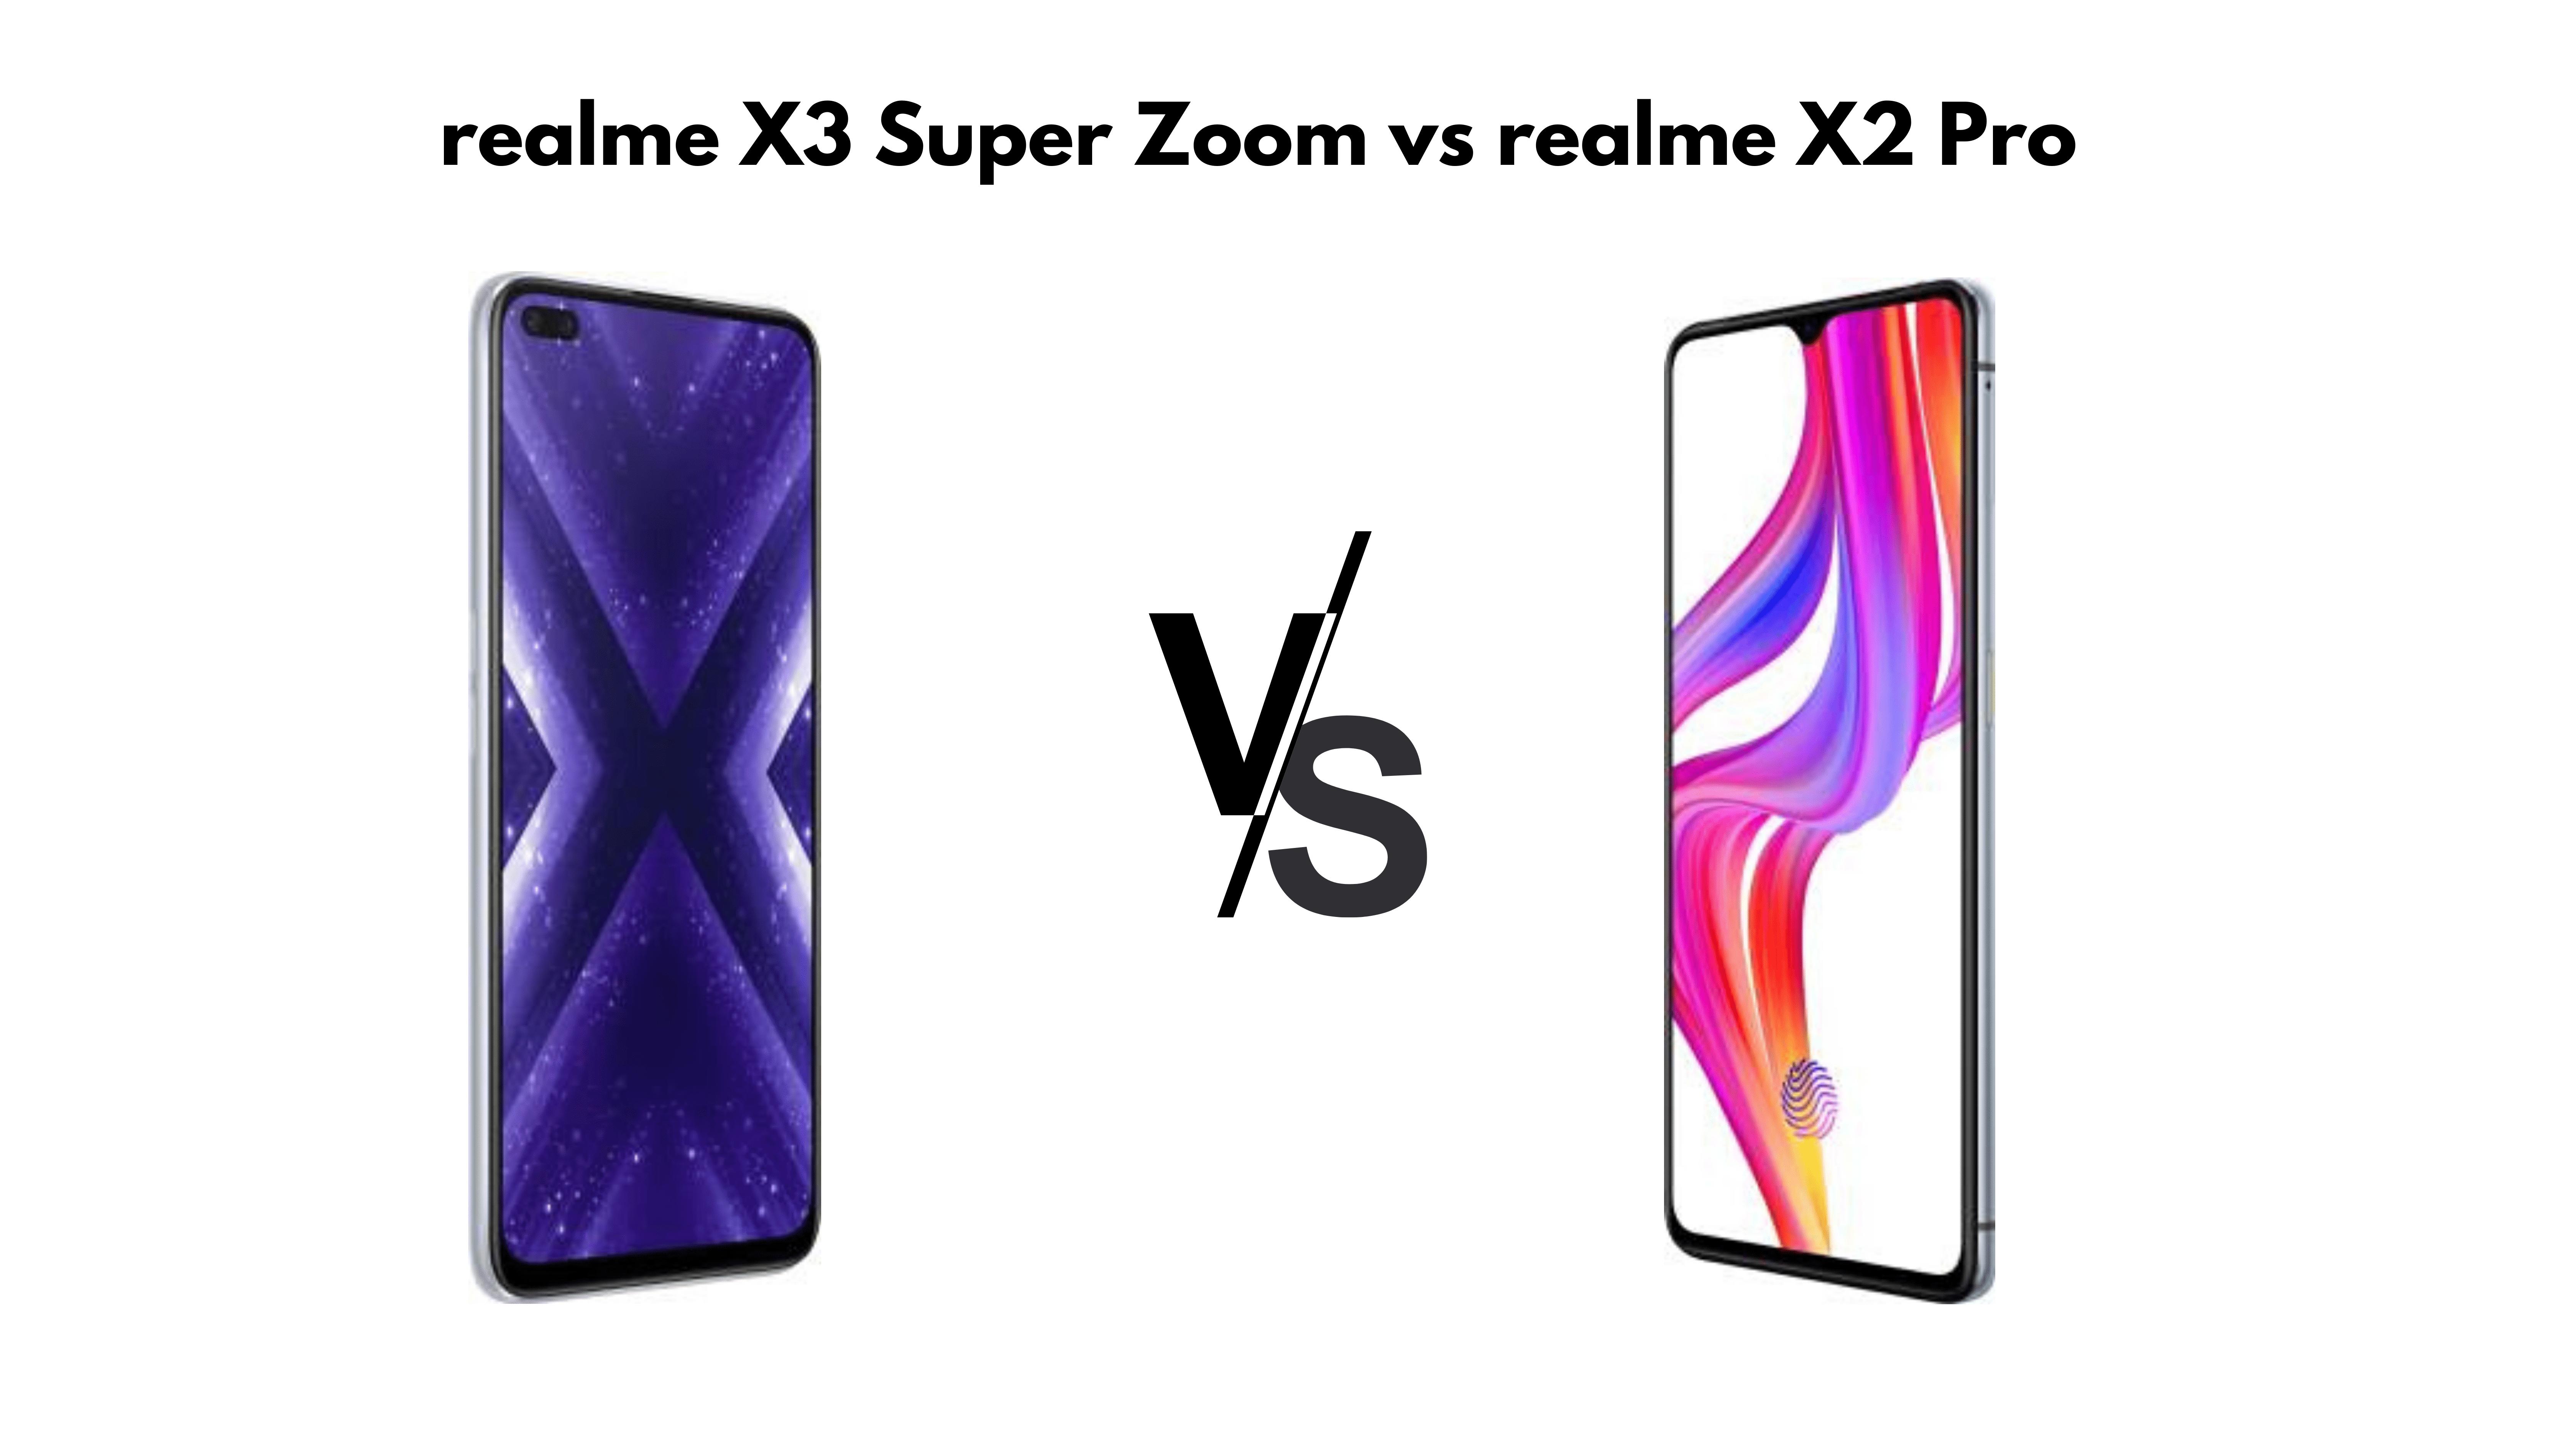 realme X3 Super Zoom vs realme X2 Pro